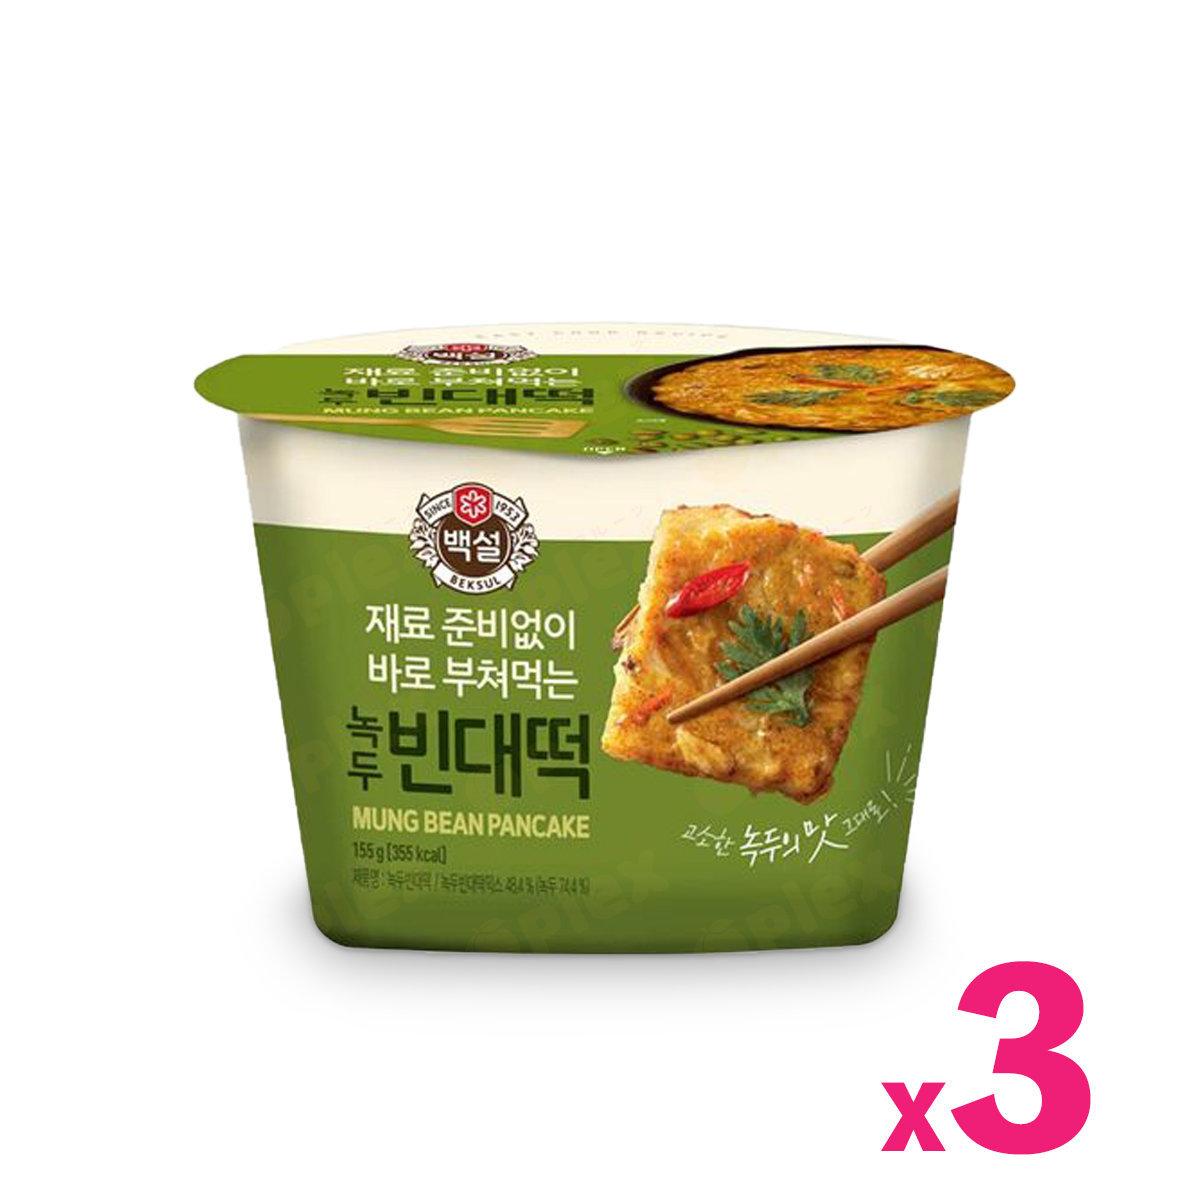 CJ Easy Cook Recipe Korean Pancake - Mung Bean (155g) x 3bowl